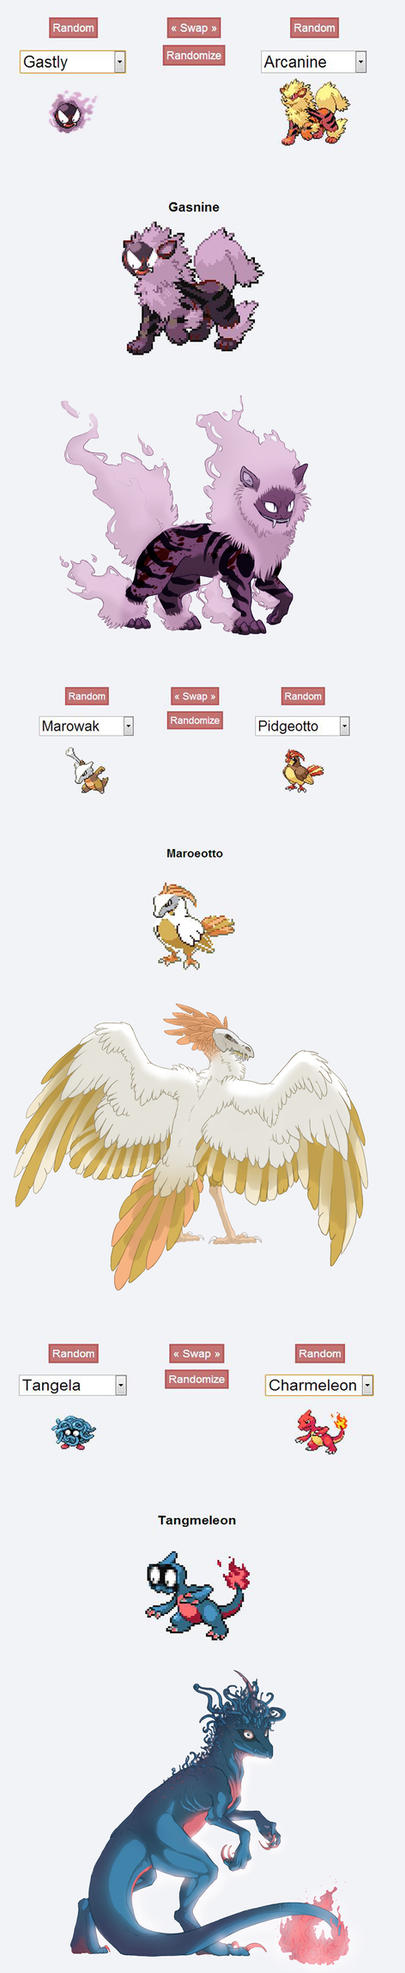 Pokemon Fusion by Mondfalke